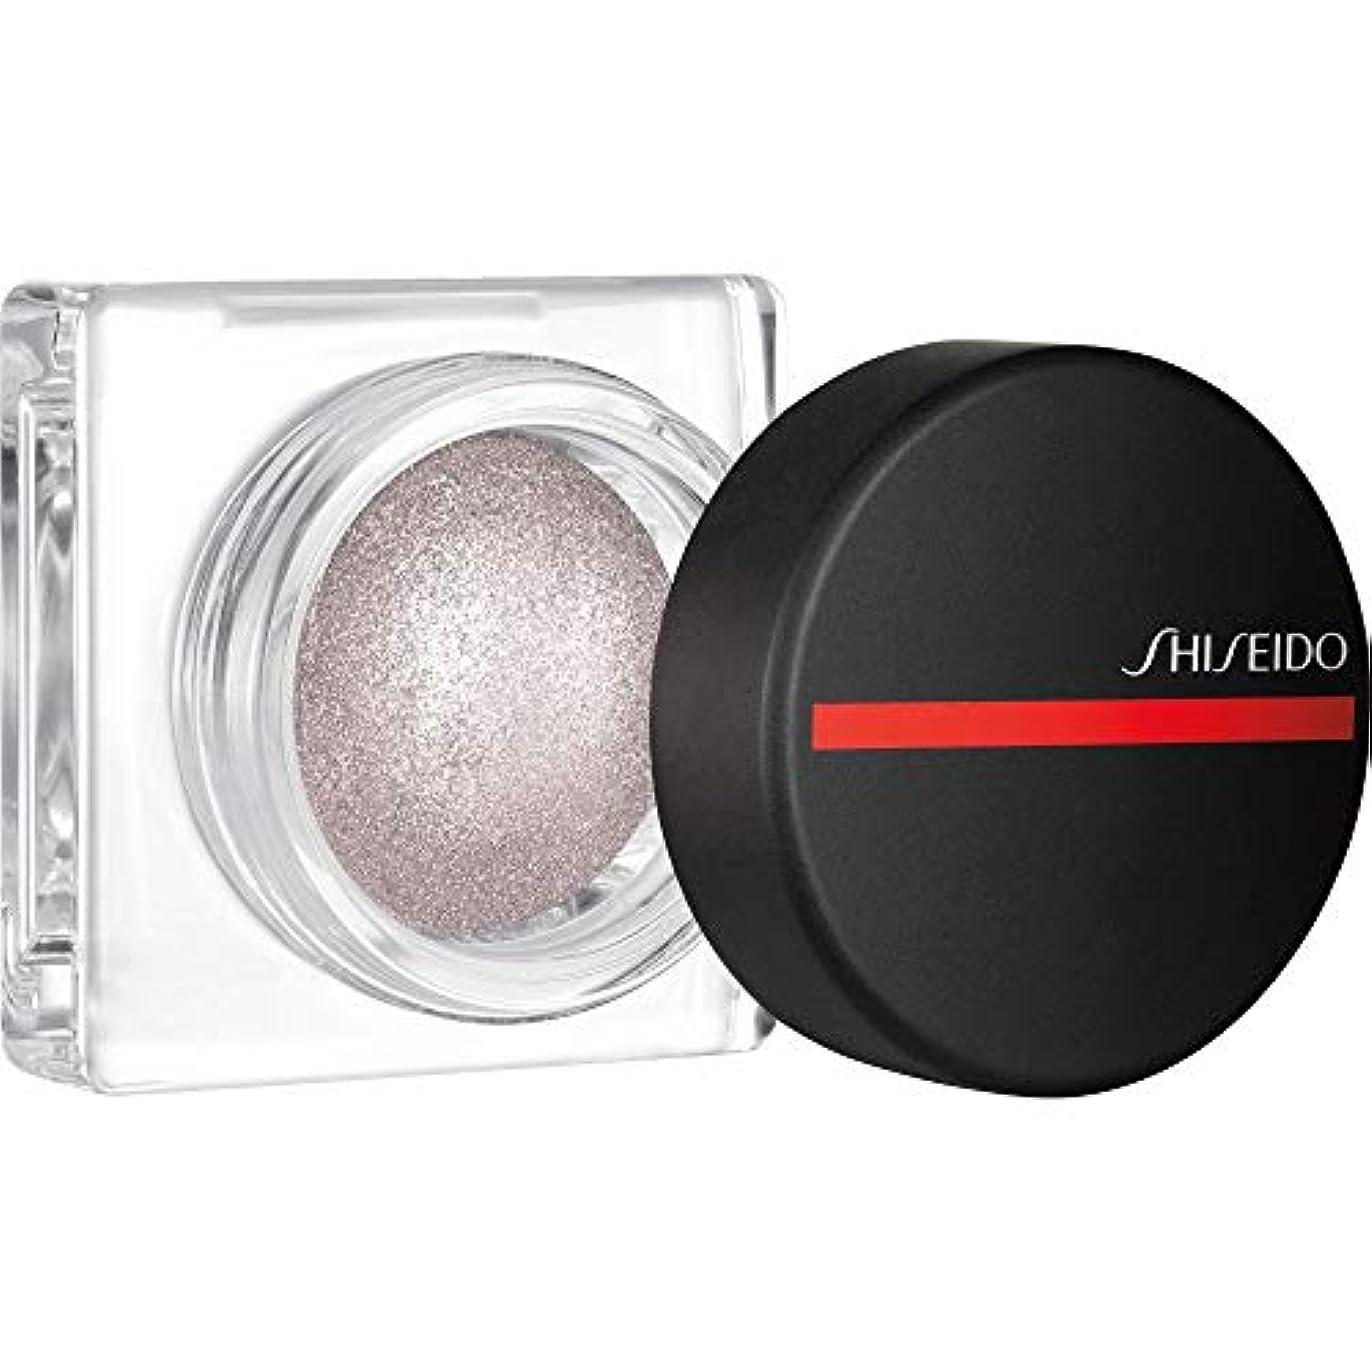 ディレクター家庭よろしく[Shiseido] 資生堂のオーラ露の4.8グラム01 - 月面 - Shiseido Aura Dew 4.8g 01 - Lunar [並行輸入品]